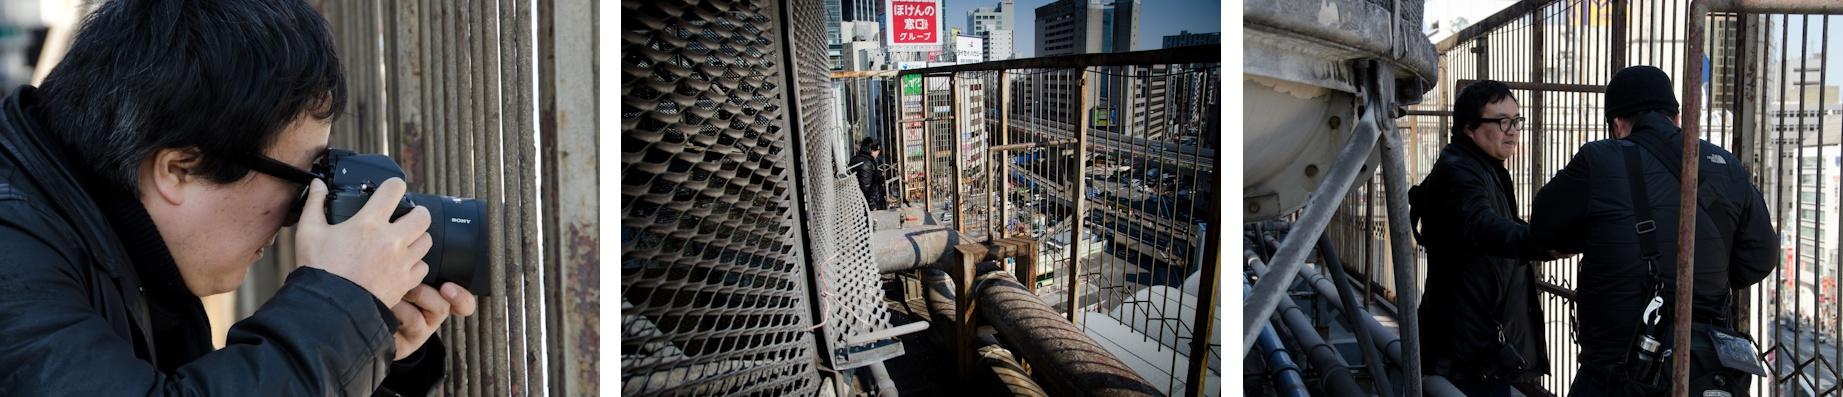 <b>所幸則は今も変わりゆく渋谷の街を撮っている。この日は渋谷東急百貨店の御厚意で、デパートの屋上から渋谷の街並みを撮るという珍しい機会だったので、現場同行でお邪魔させてもらった。近所に住んでいるのでウチの近くの大きな建物までクッキリと見える。この日の所氏のカメラ機材はシグマDP1とソニーα900。どちらもNDフィルターをレンズに装着。</b>